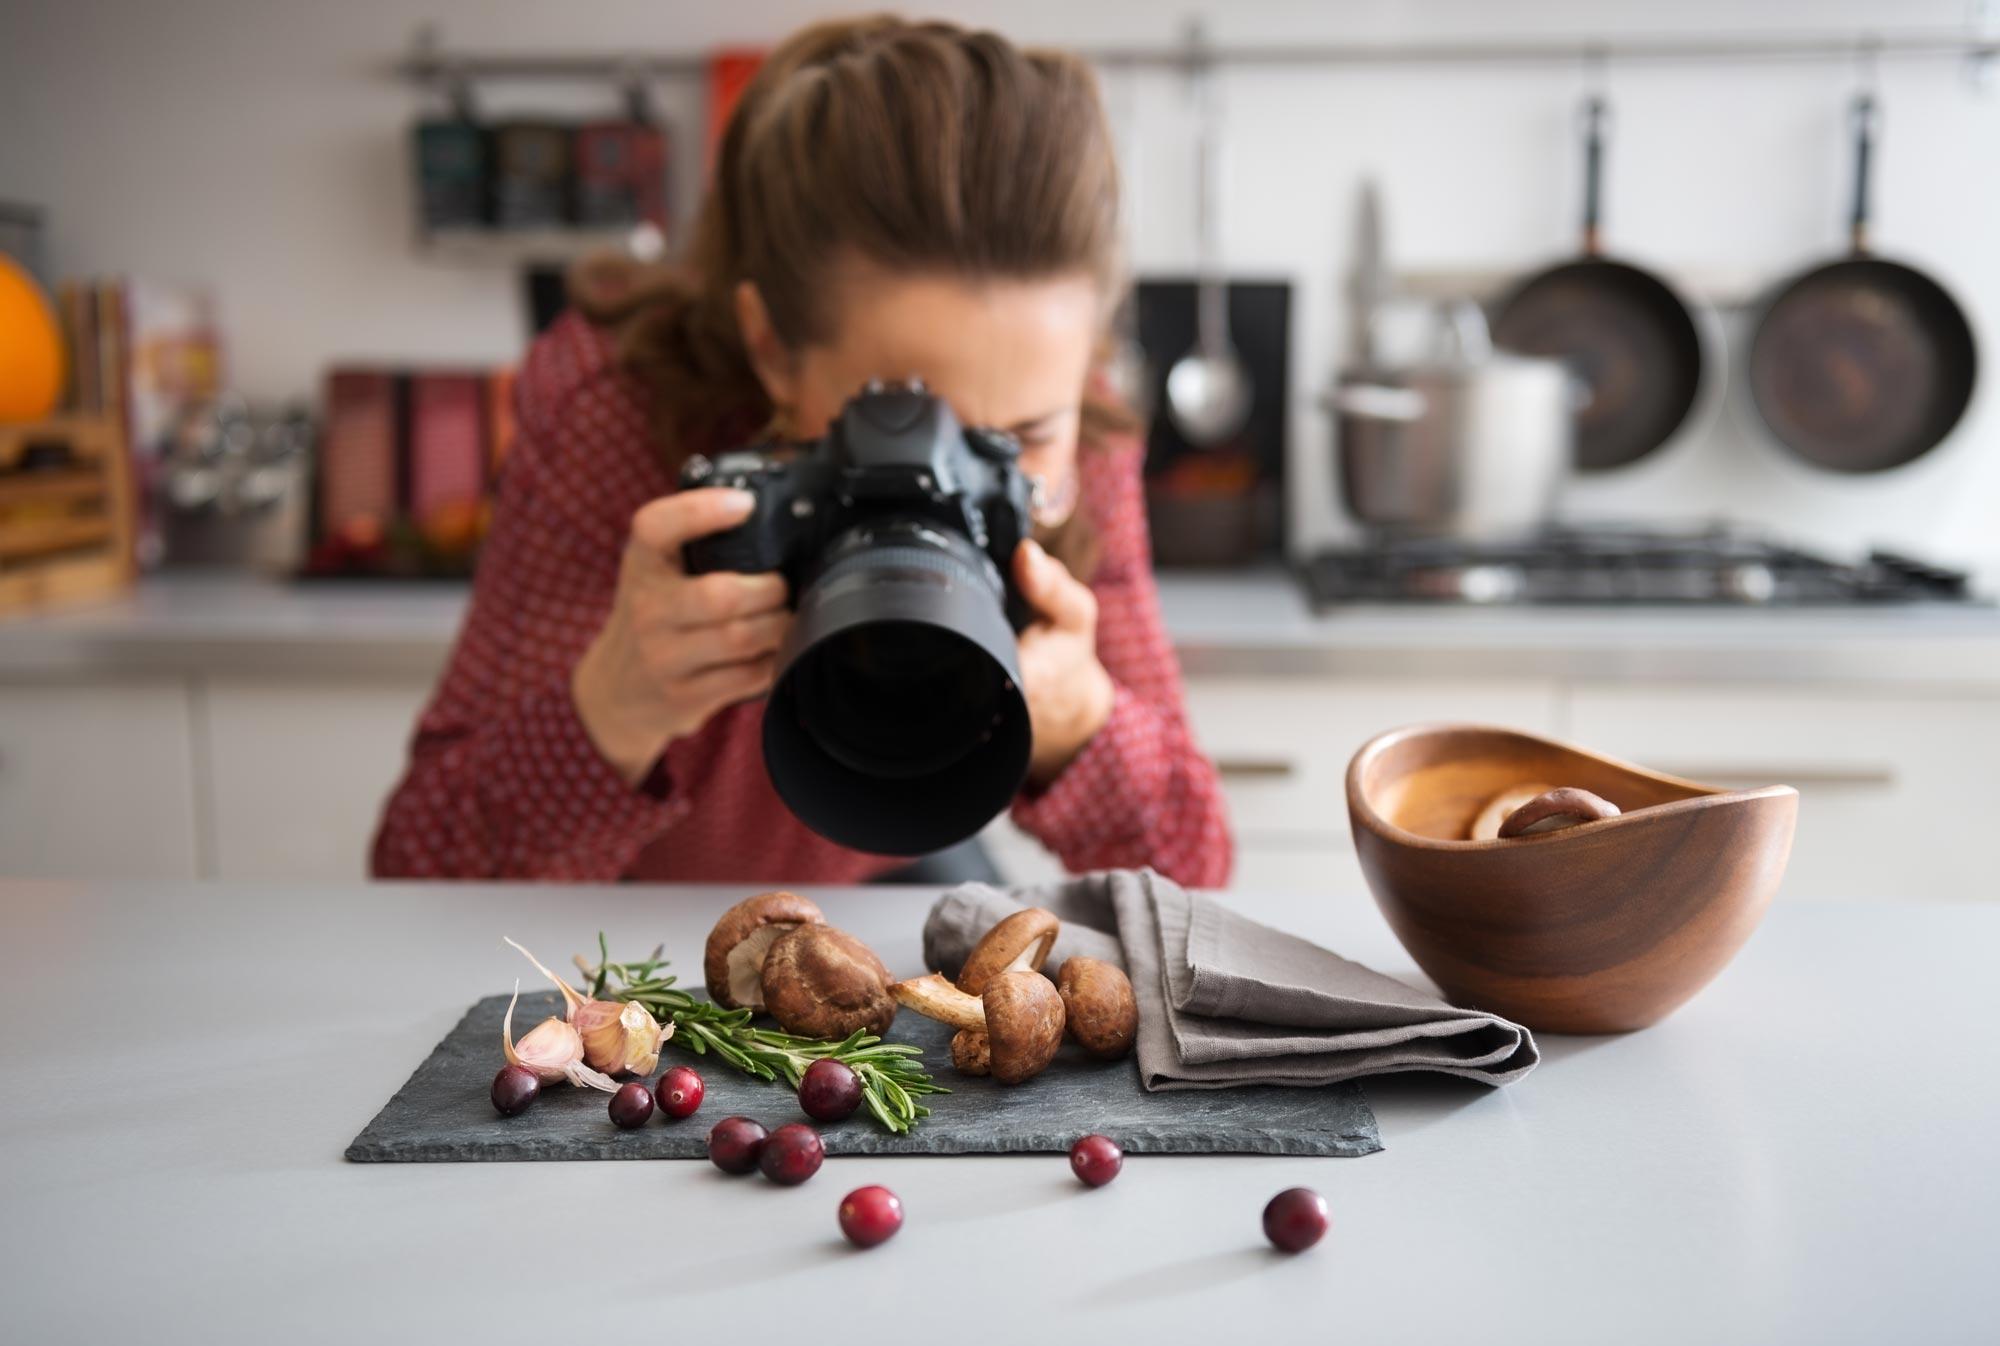 Jak fotit jídlo